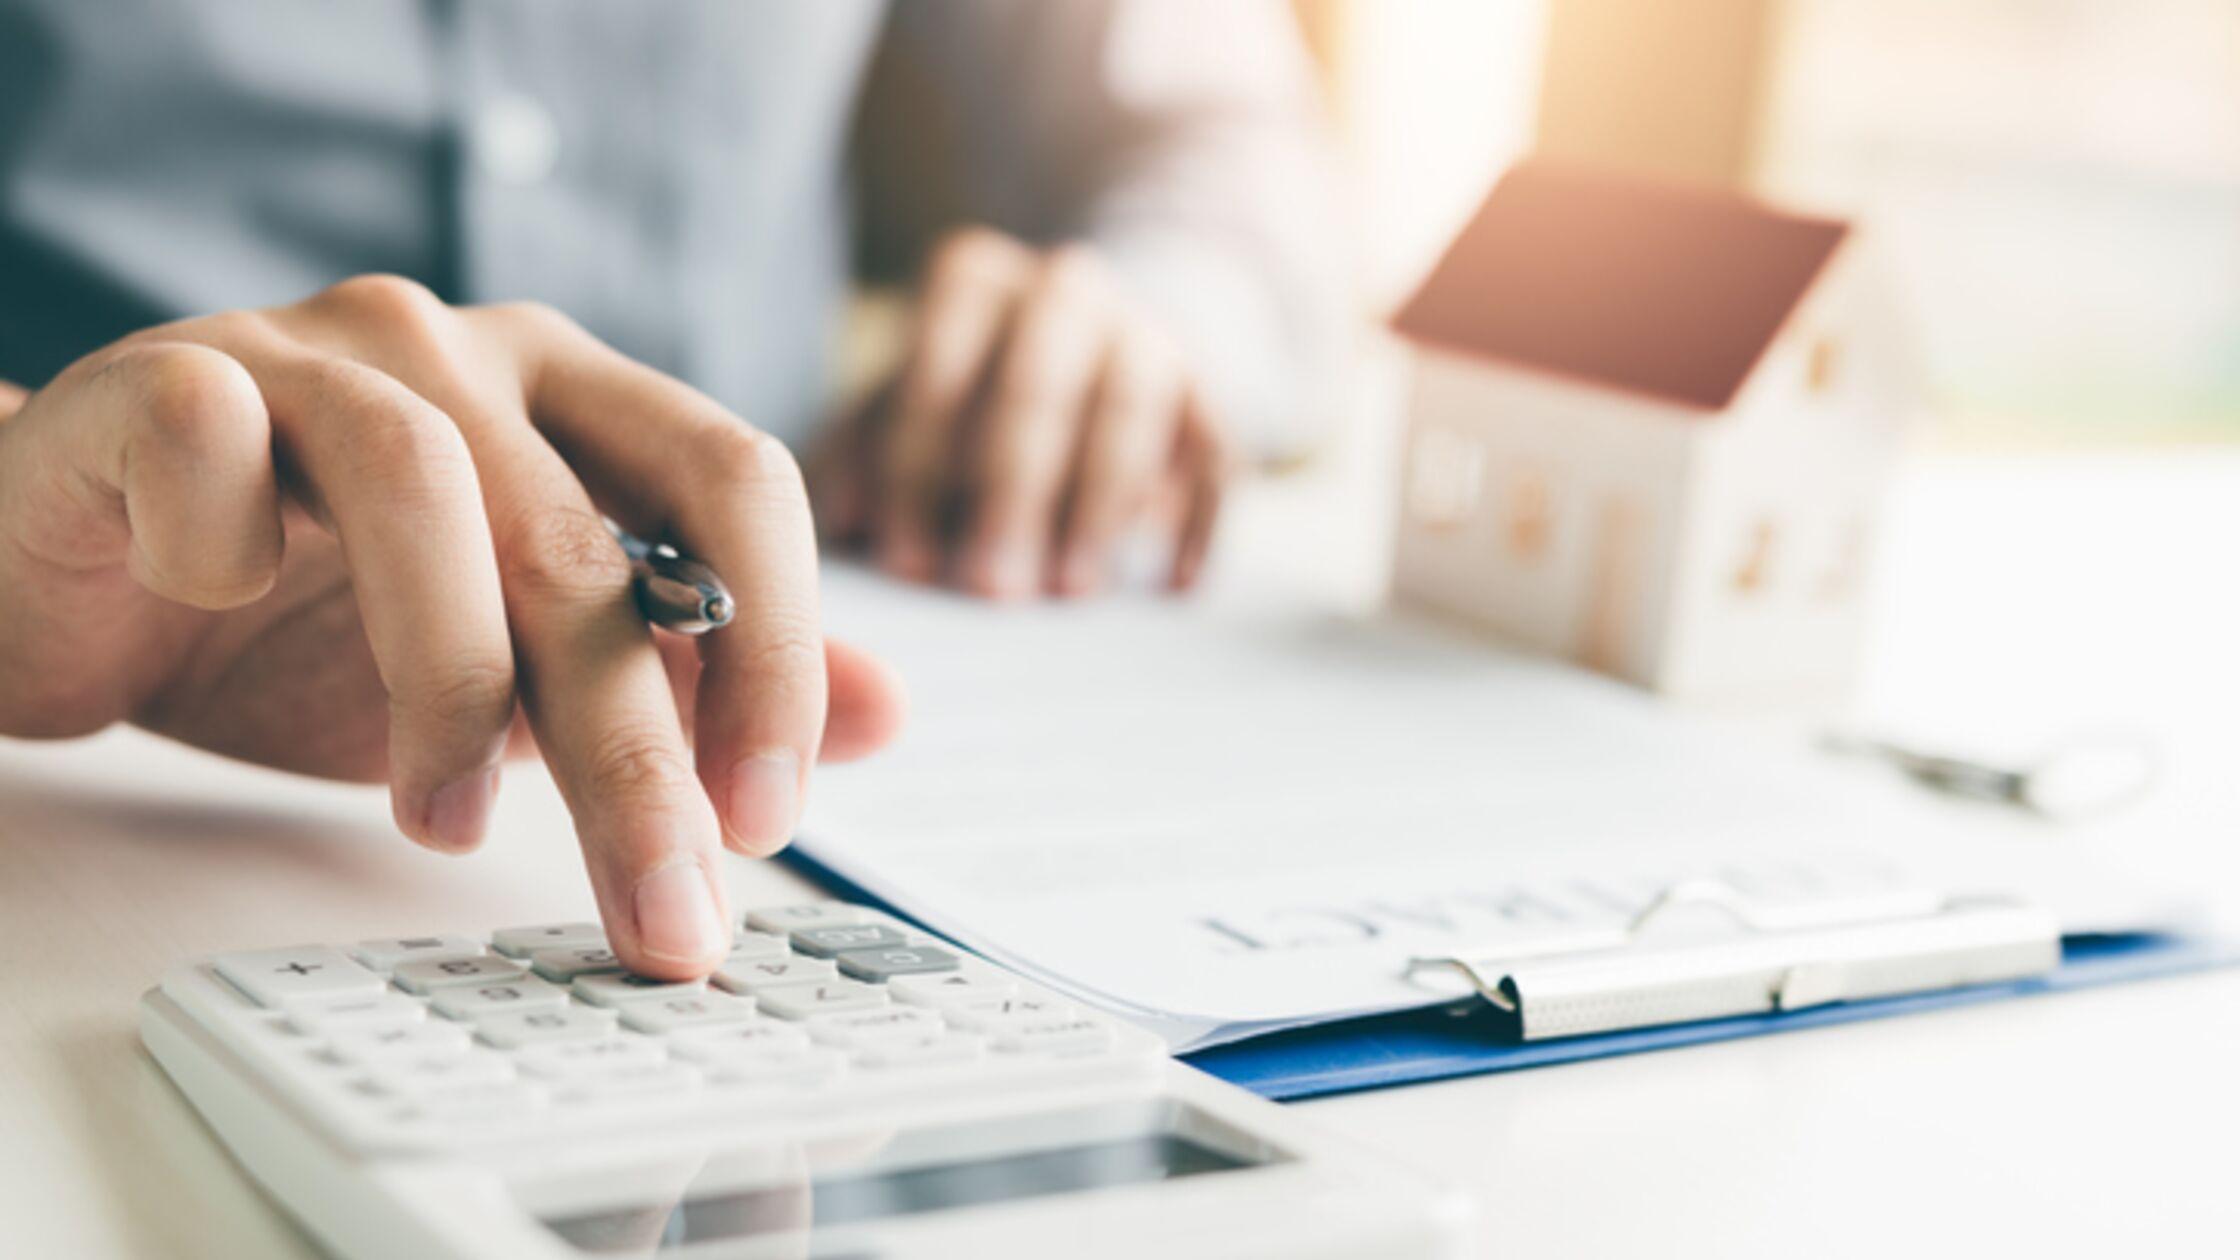 Wohn-Riester: Für wen lohnt sich die Eigenheimrente?